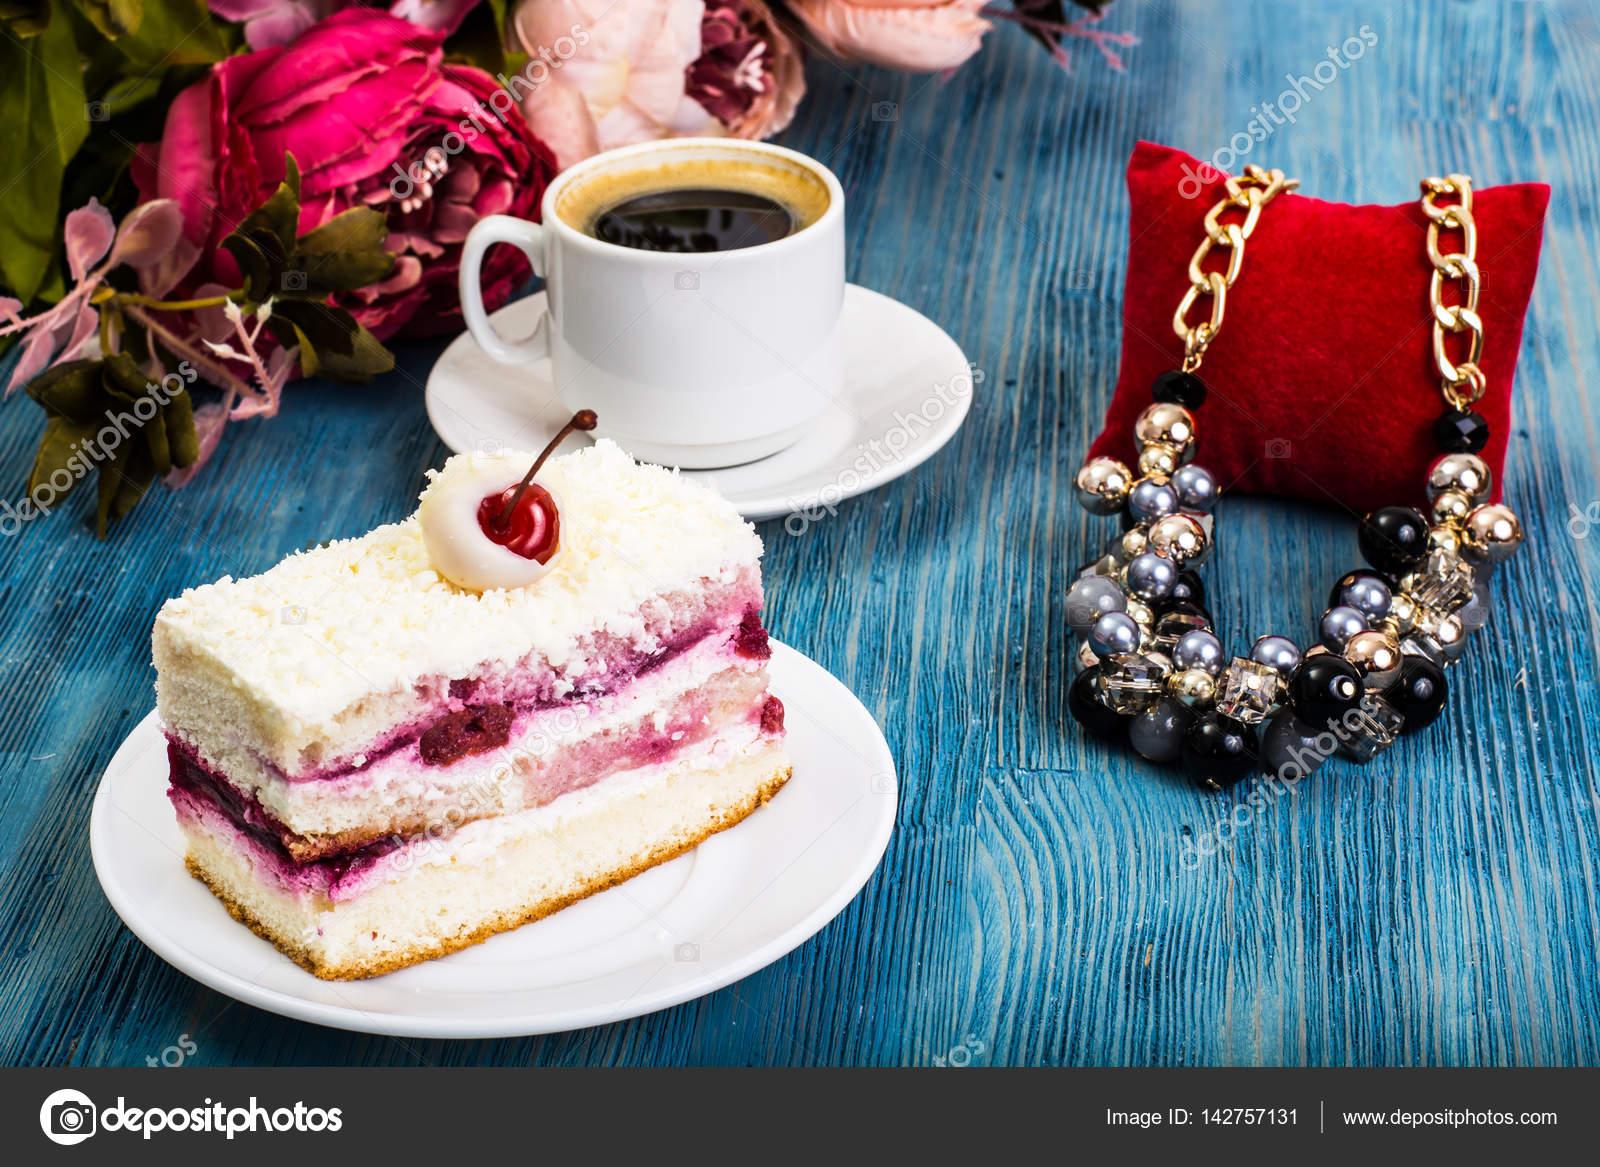 Stuck Kuchen Kuchen Sahne Kirschen Schlagsahne Auf B Stockfoto